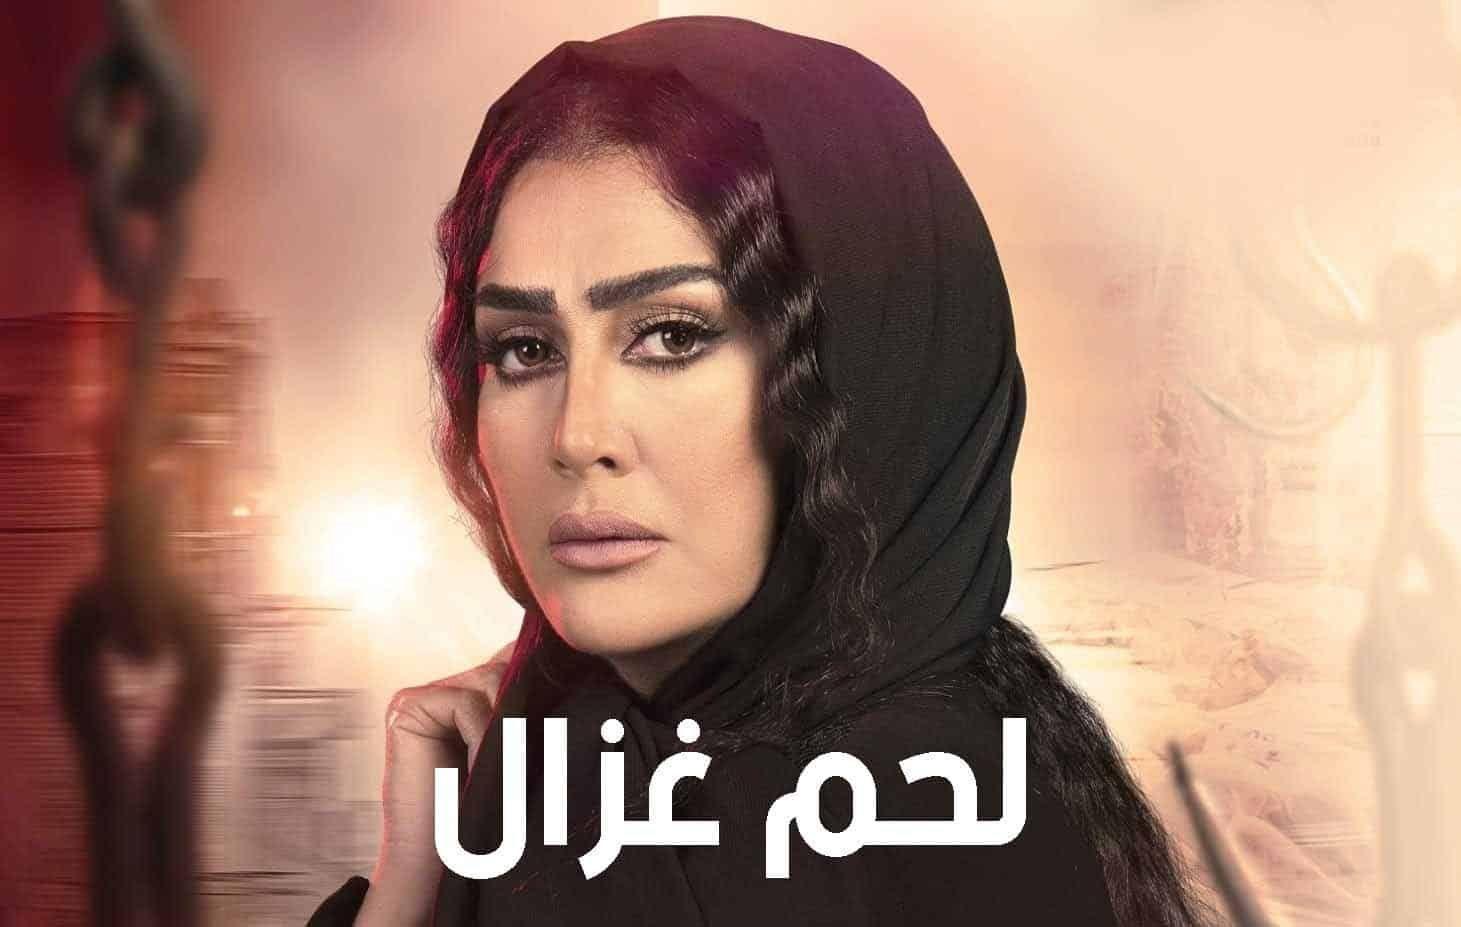 قنوات عرض مسلسلات رمضان 2021 مسلسل لحم غزال In 2021